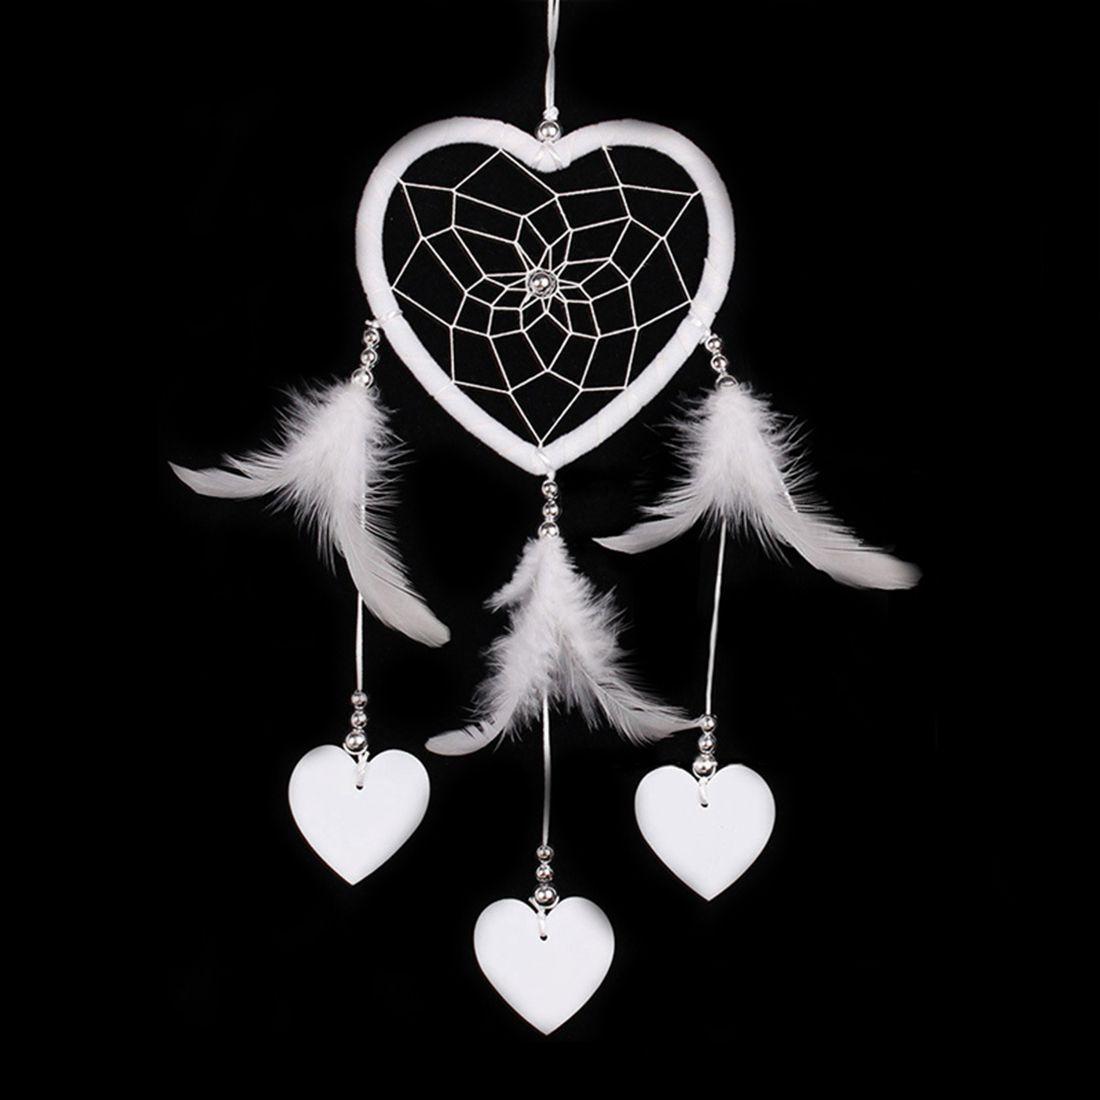 Pure White Feather Woven Dream Catcher Circular Net With: Épinglé Par Marylene Moulart Sur Attrape Rêve